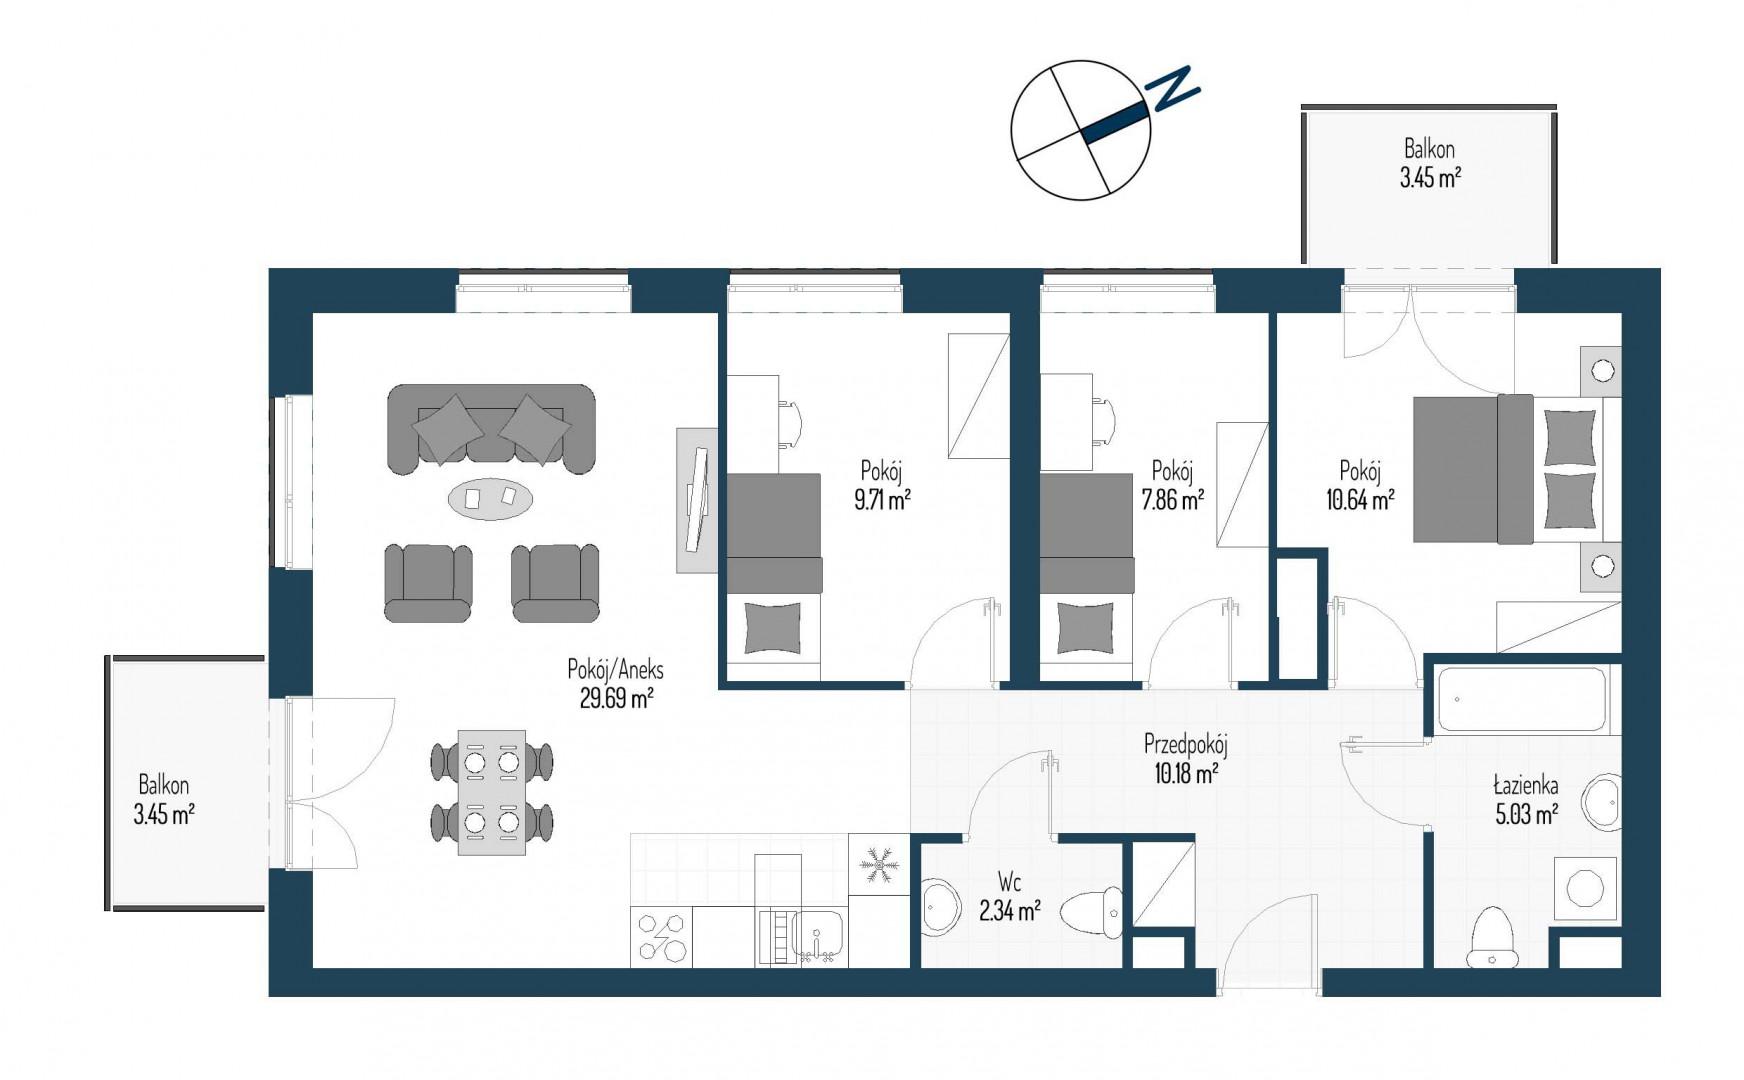 Zdrowe Stylove / budynek 2 / mieszkanie nr 22 rzut 1